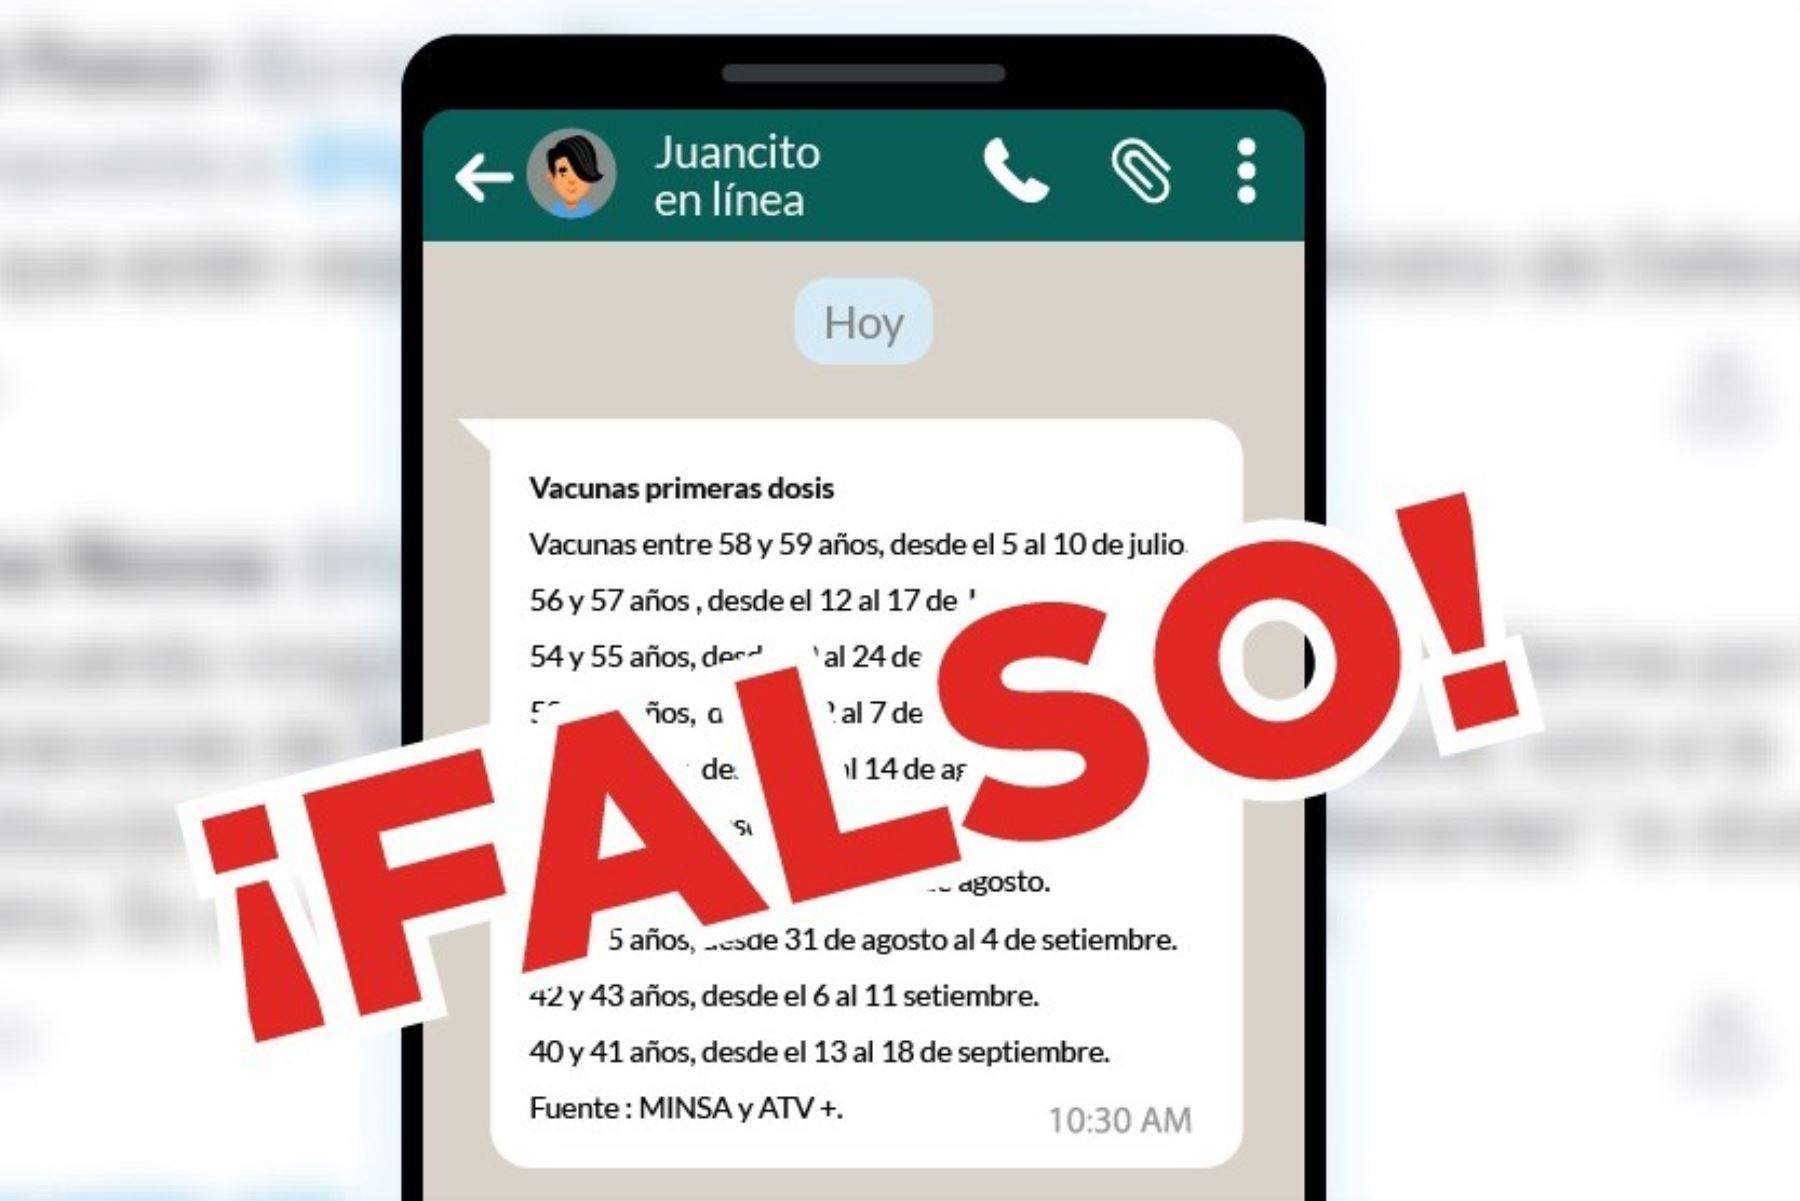 Covid-19: Minsa alerta de falsos mensajes sobre vacunación a mayores de 50 años. Foto: ANDINA/Difusión.